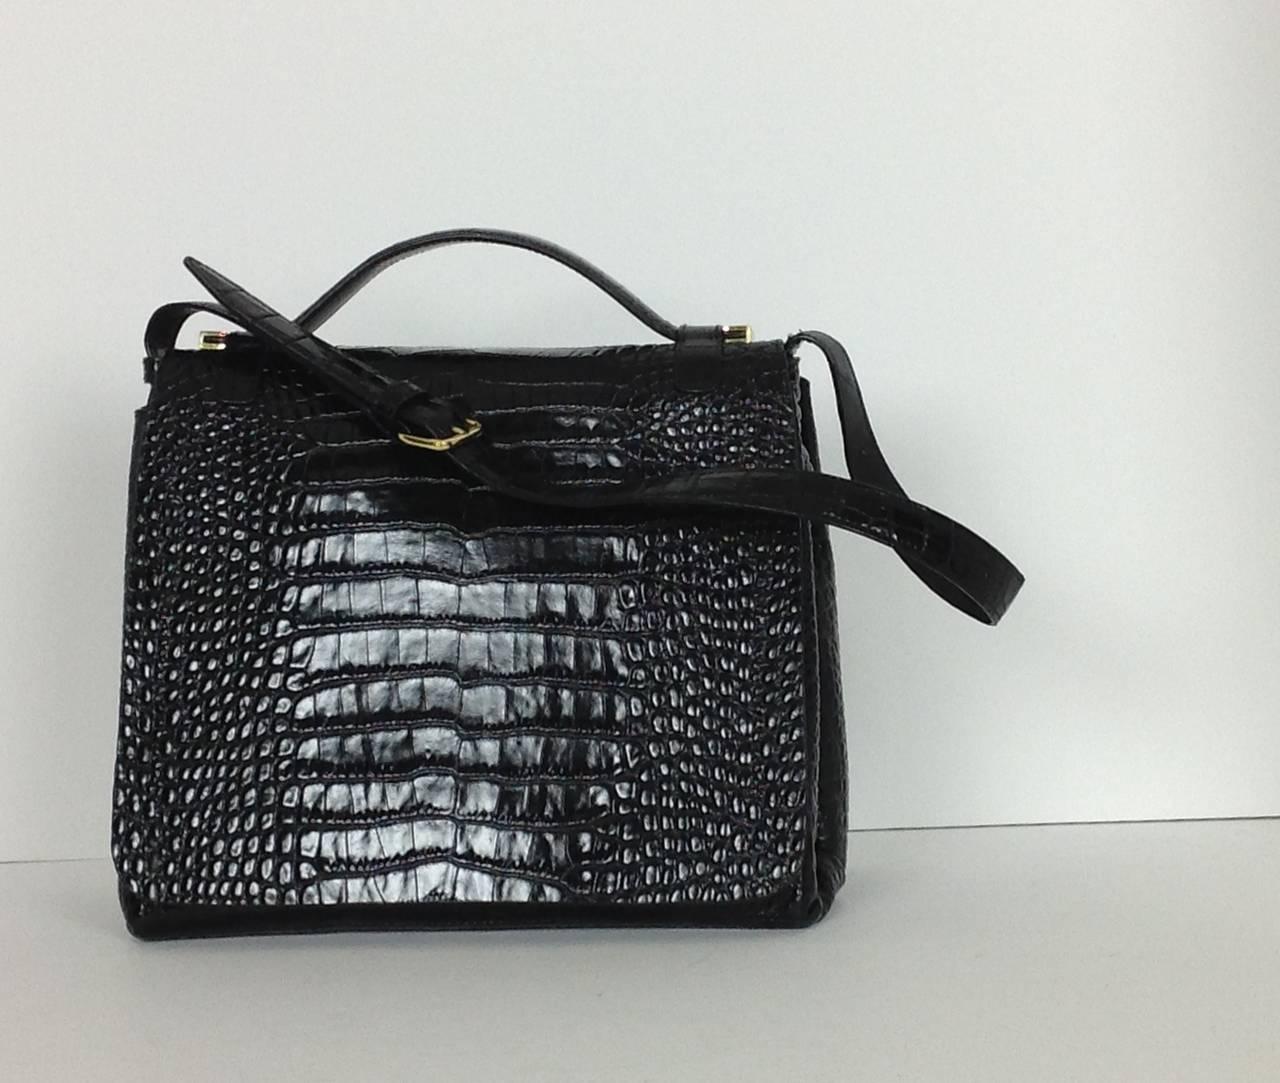 Dries Van Noten bold embossed leather handbag 6